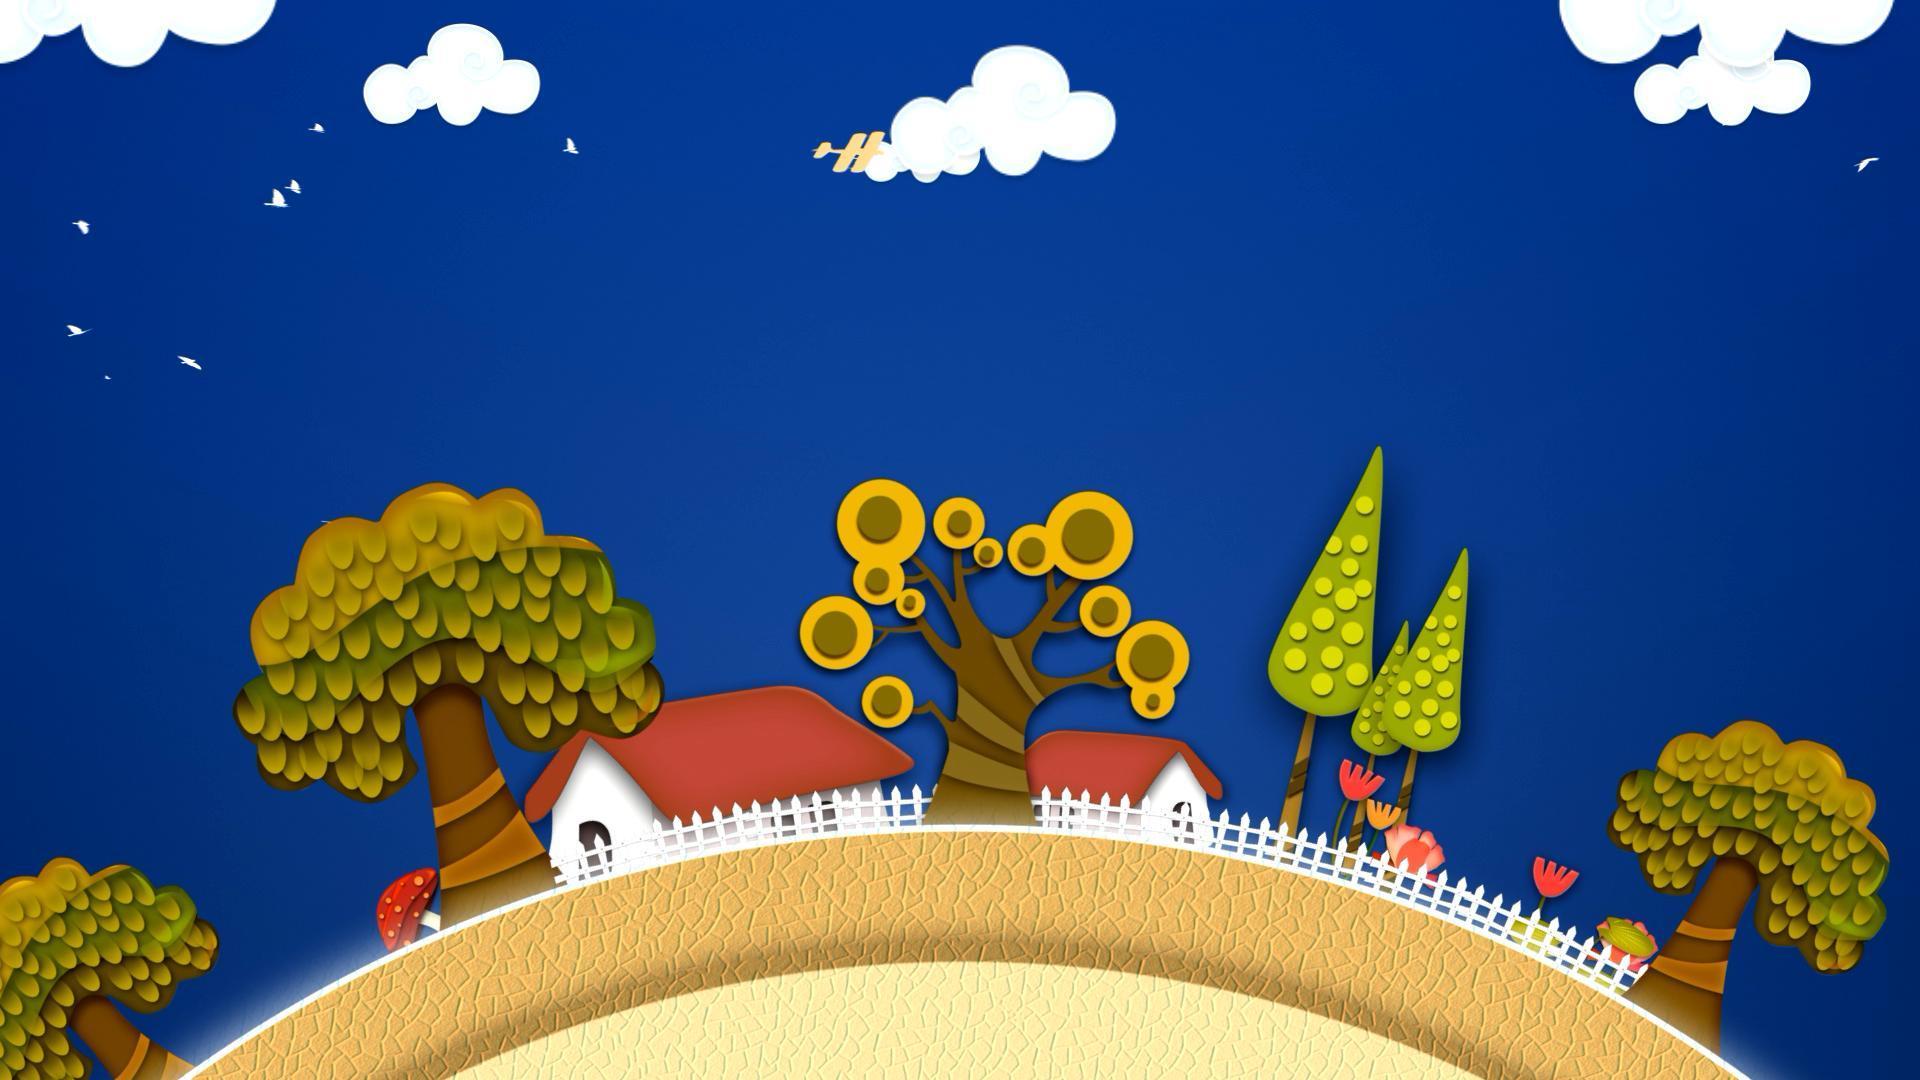 卡通旋转地球小屋树木